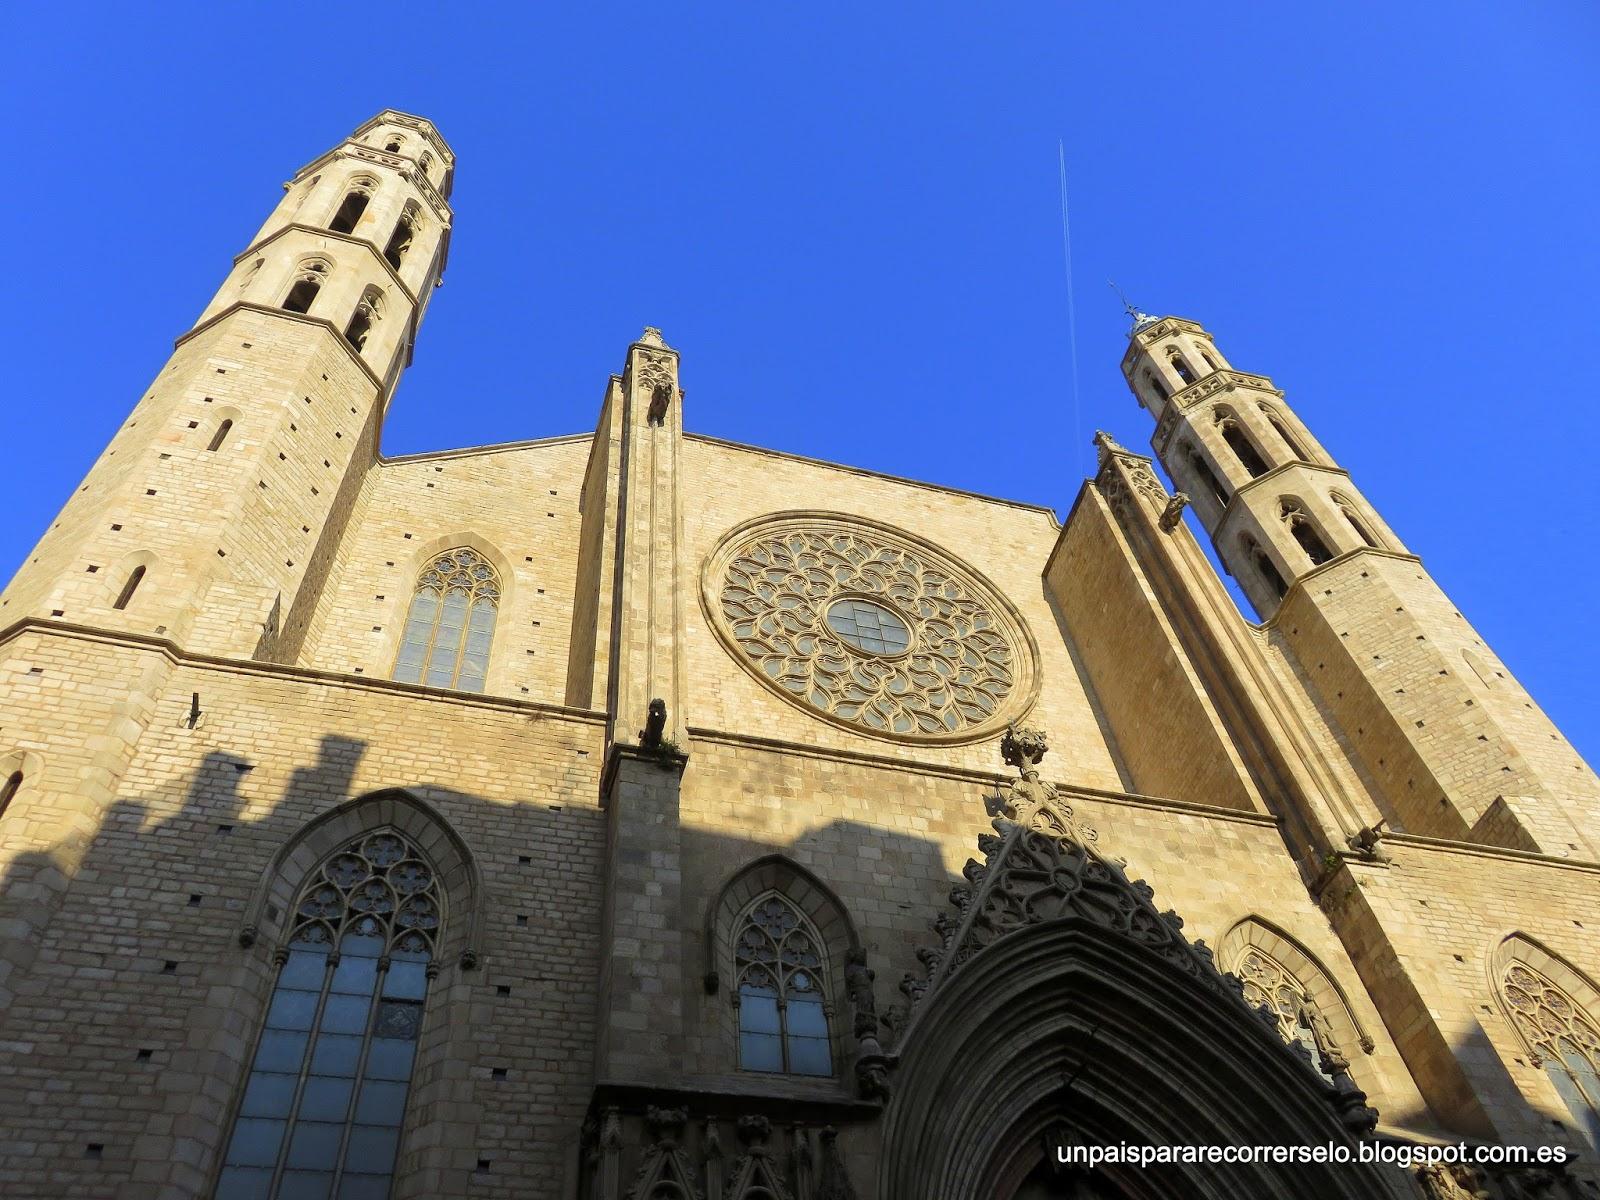 la catedral del mar pdf